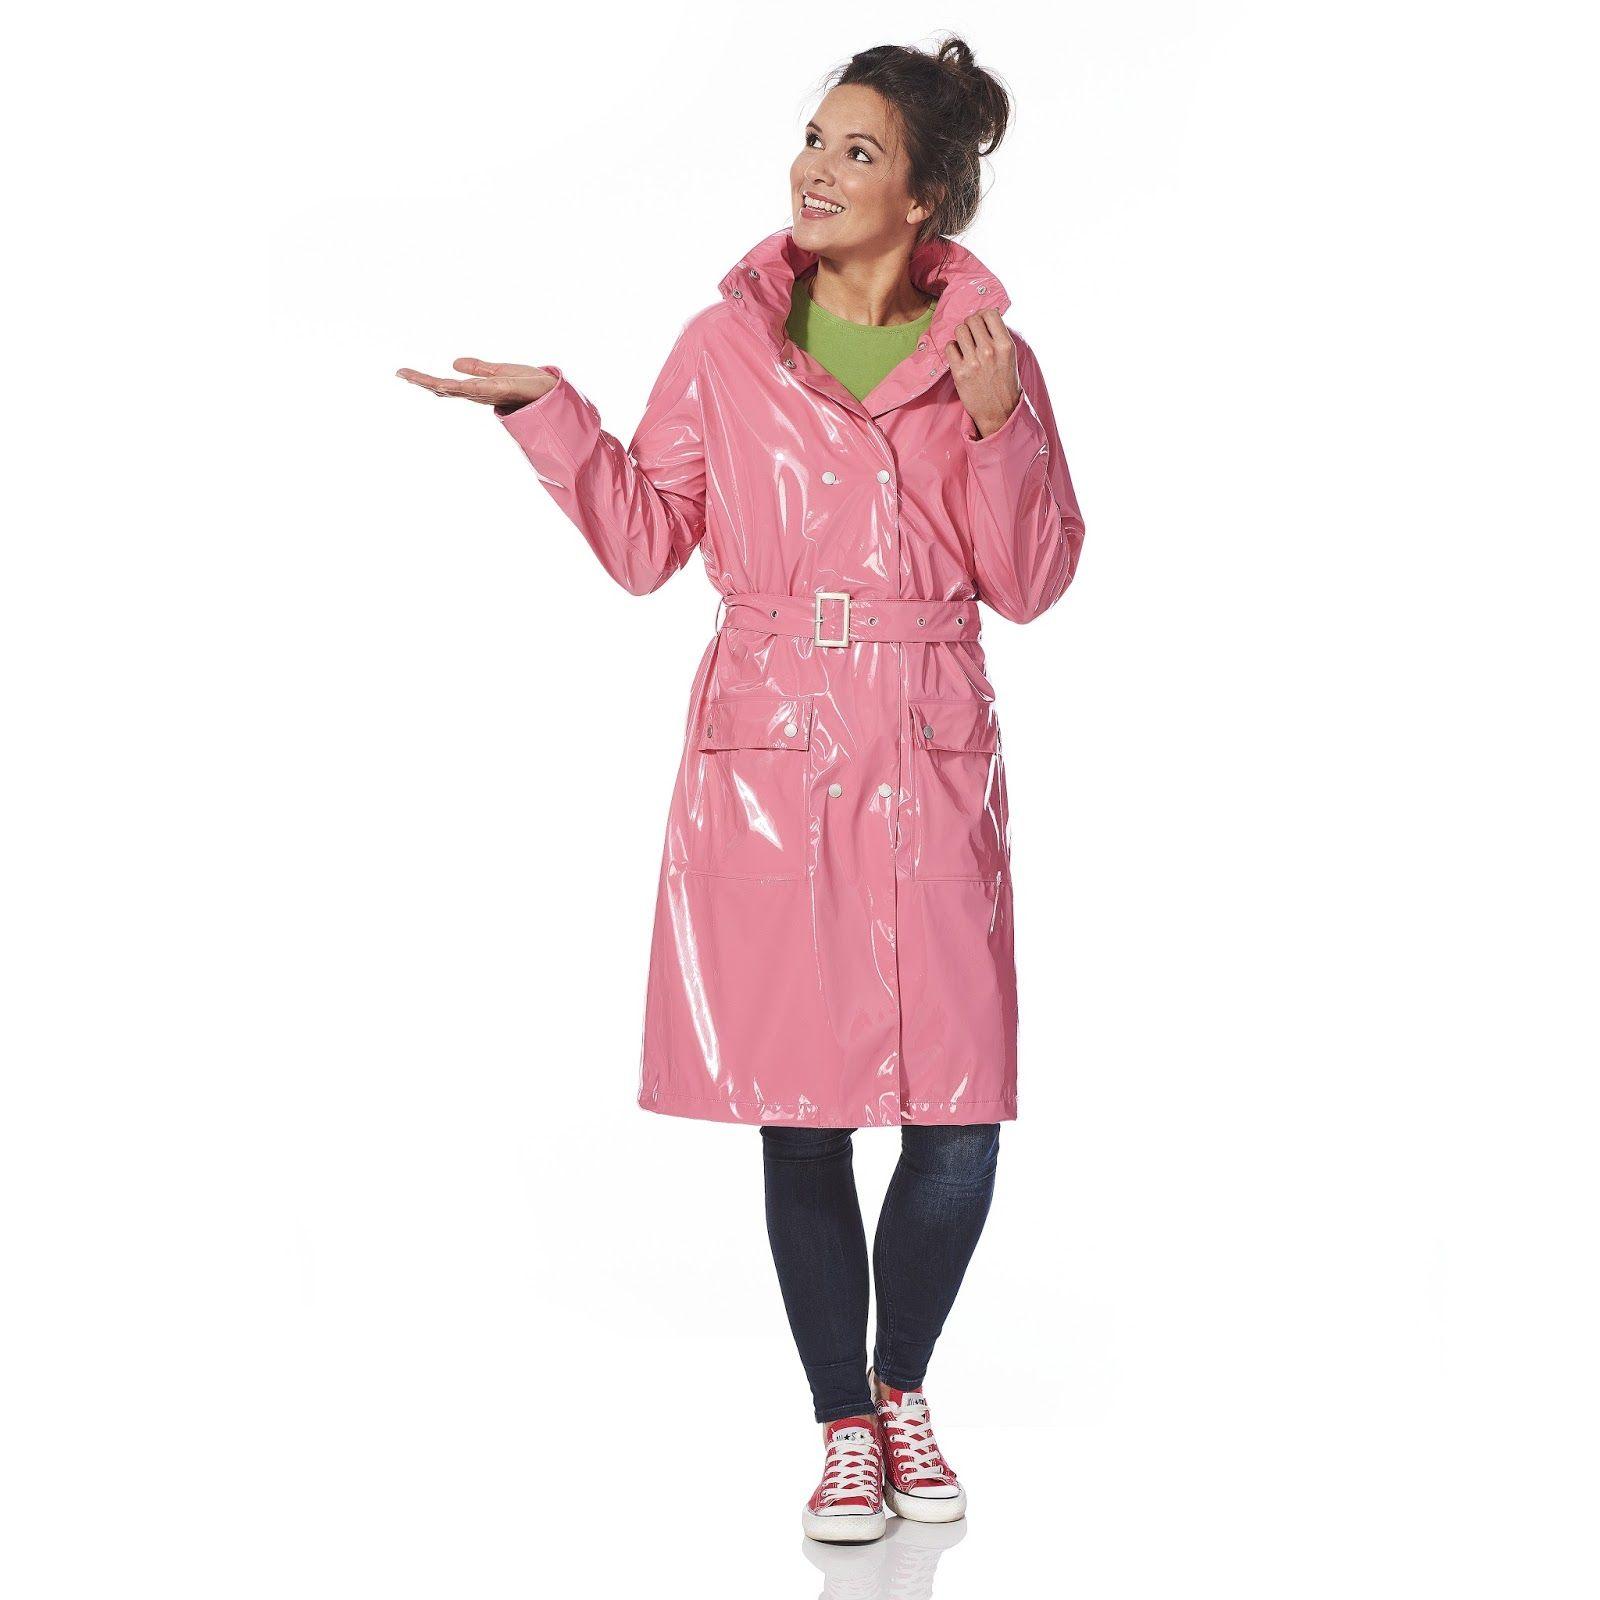 RAINCOAT | Regenmantel, Mantel, Damen regenmäntel